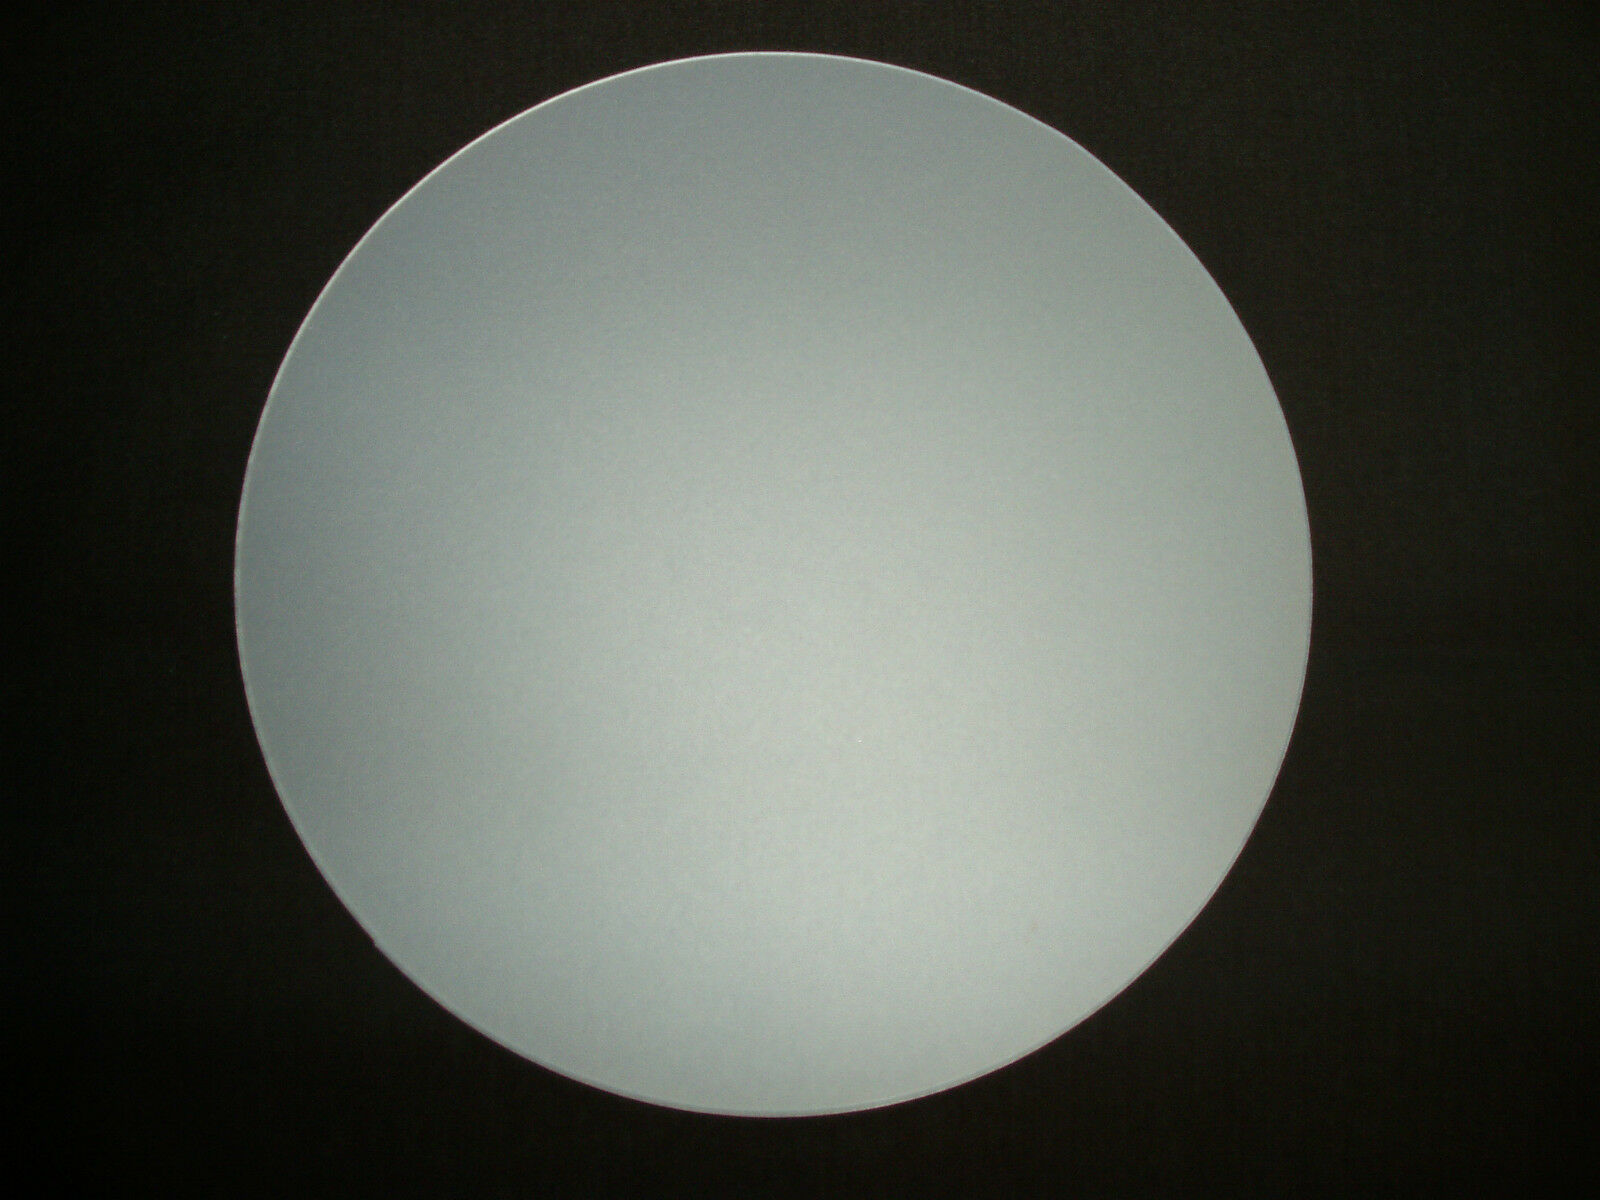 Abat-jour fait à laura la main avec laura à ashley berkeley parchemin étain papier peint de nombreuses tailles 4089da